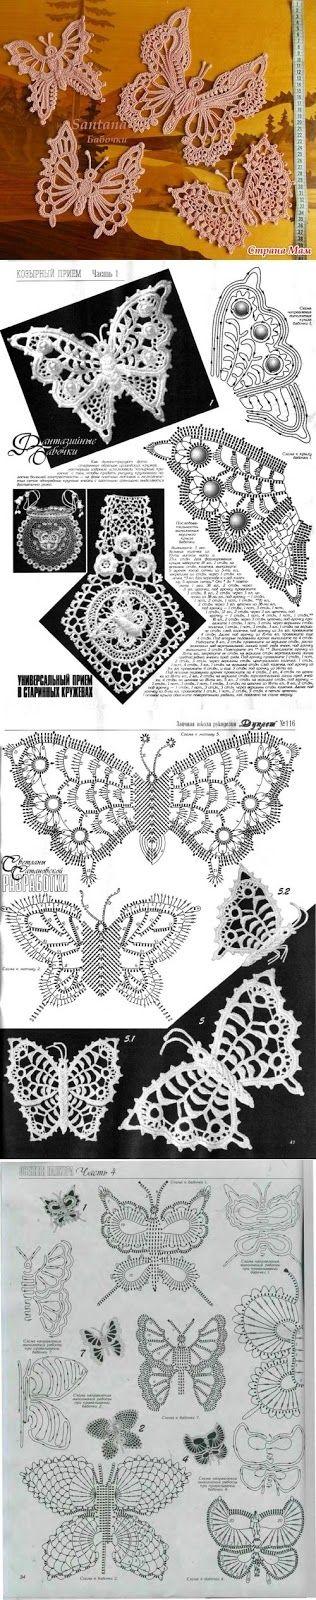 Irish crochet lace motifs patterns                                                                                                                                                      More                                                                                                                                                                                 More